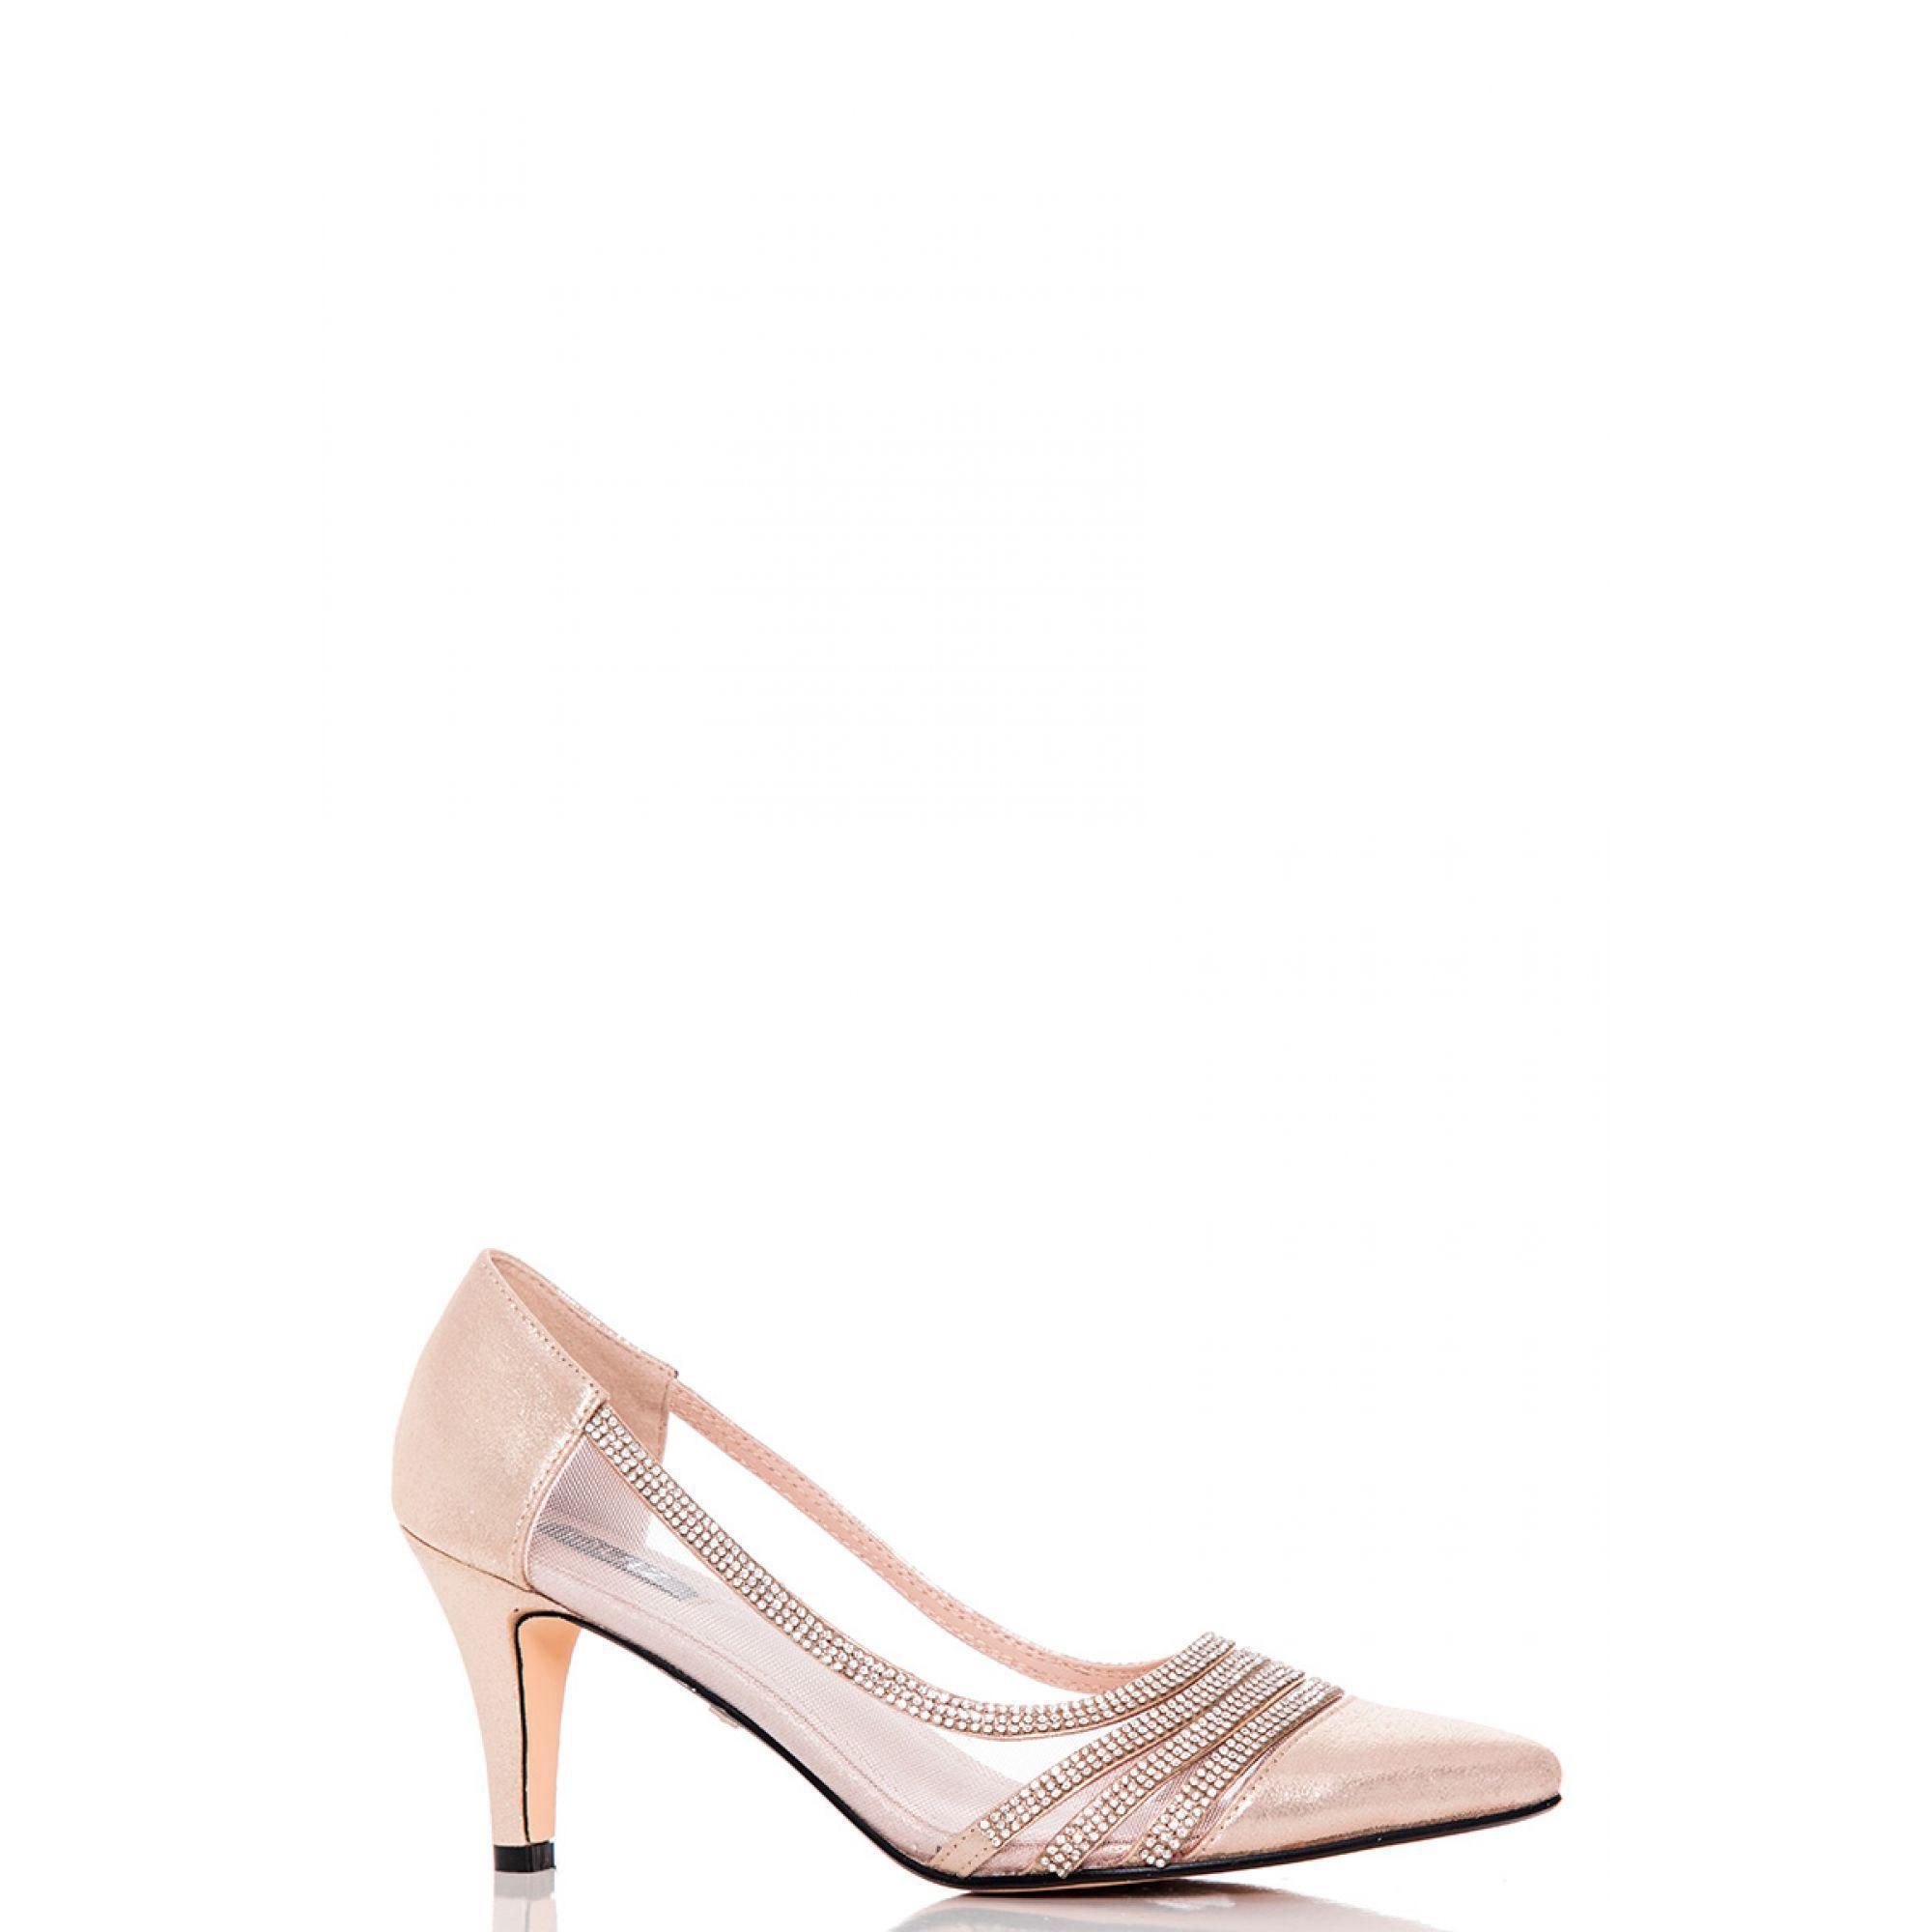 3e278bdbe74 Quiz. Women s Metallic Gold Shimmer Diamante And Mesh Low Heel Court Shoes